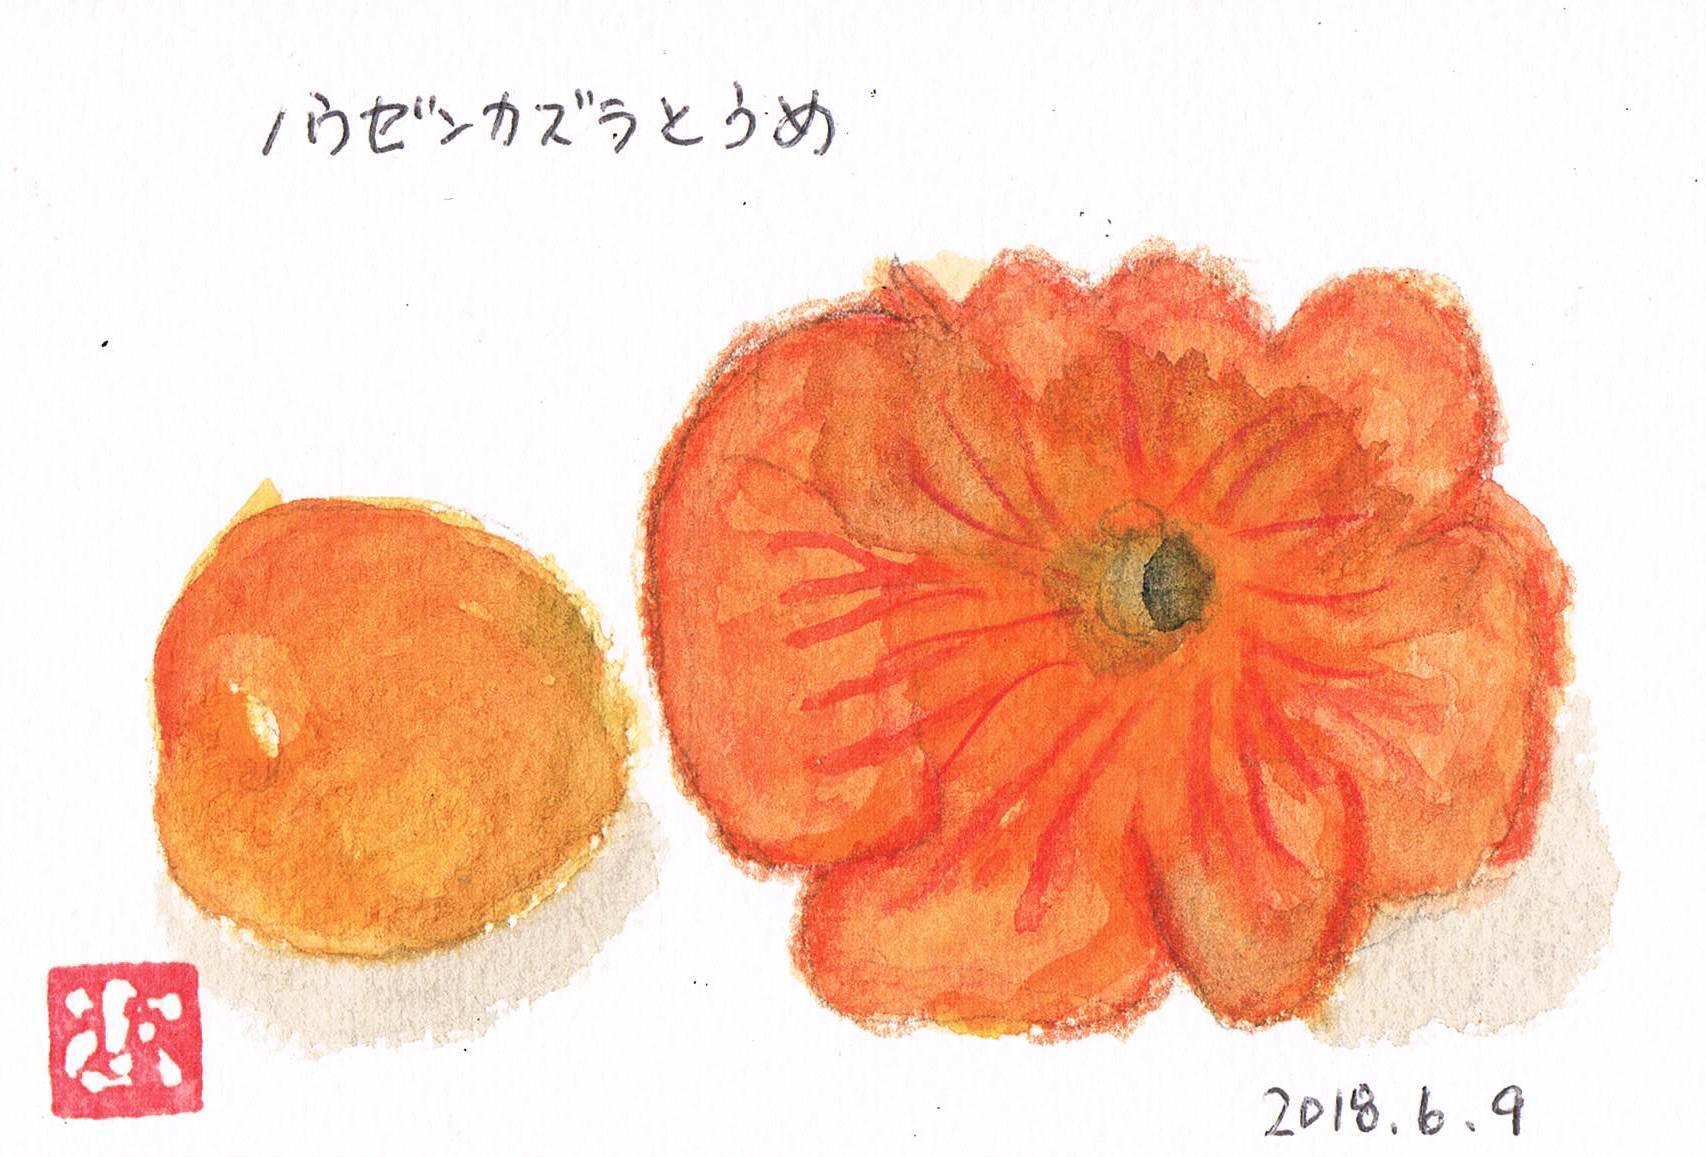 ノウゼンカズラが咲きました_e0232277_10320579.jpg